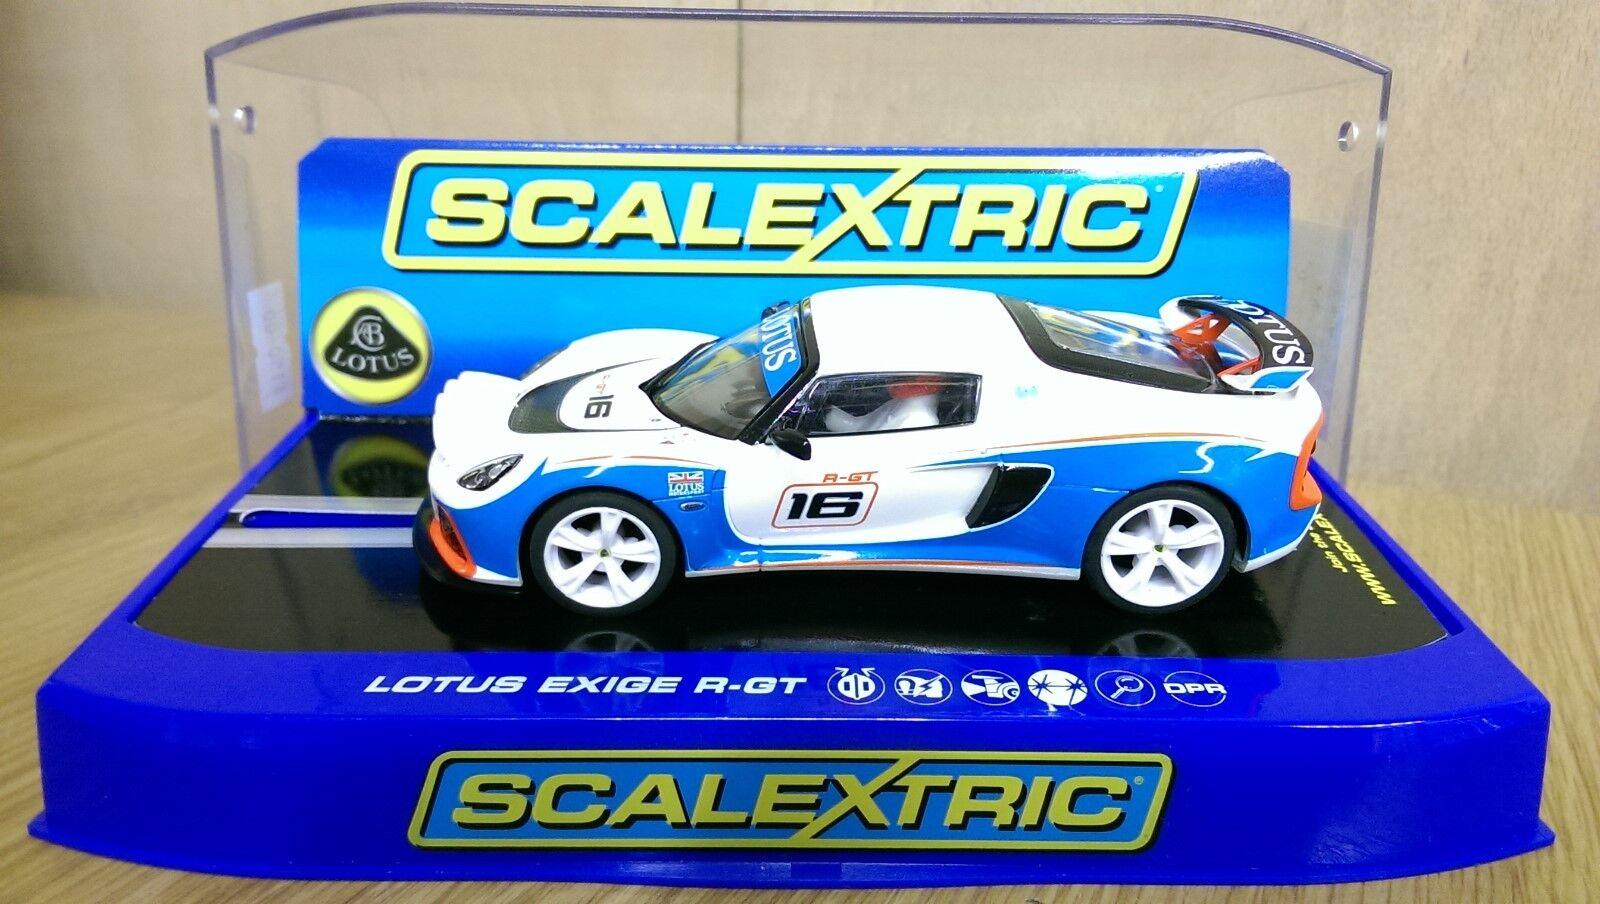 Scalextric C3520 Lotus Exige R-GT Blanco/Azul muestra de producción previa Nuevo